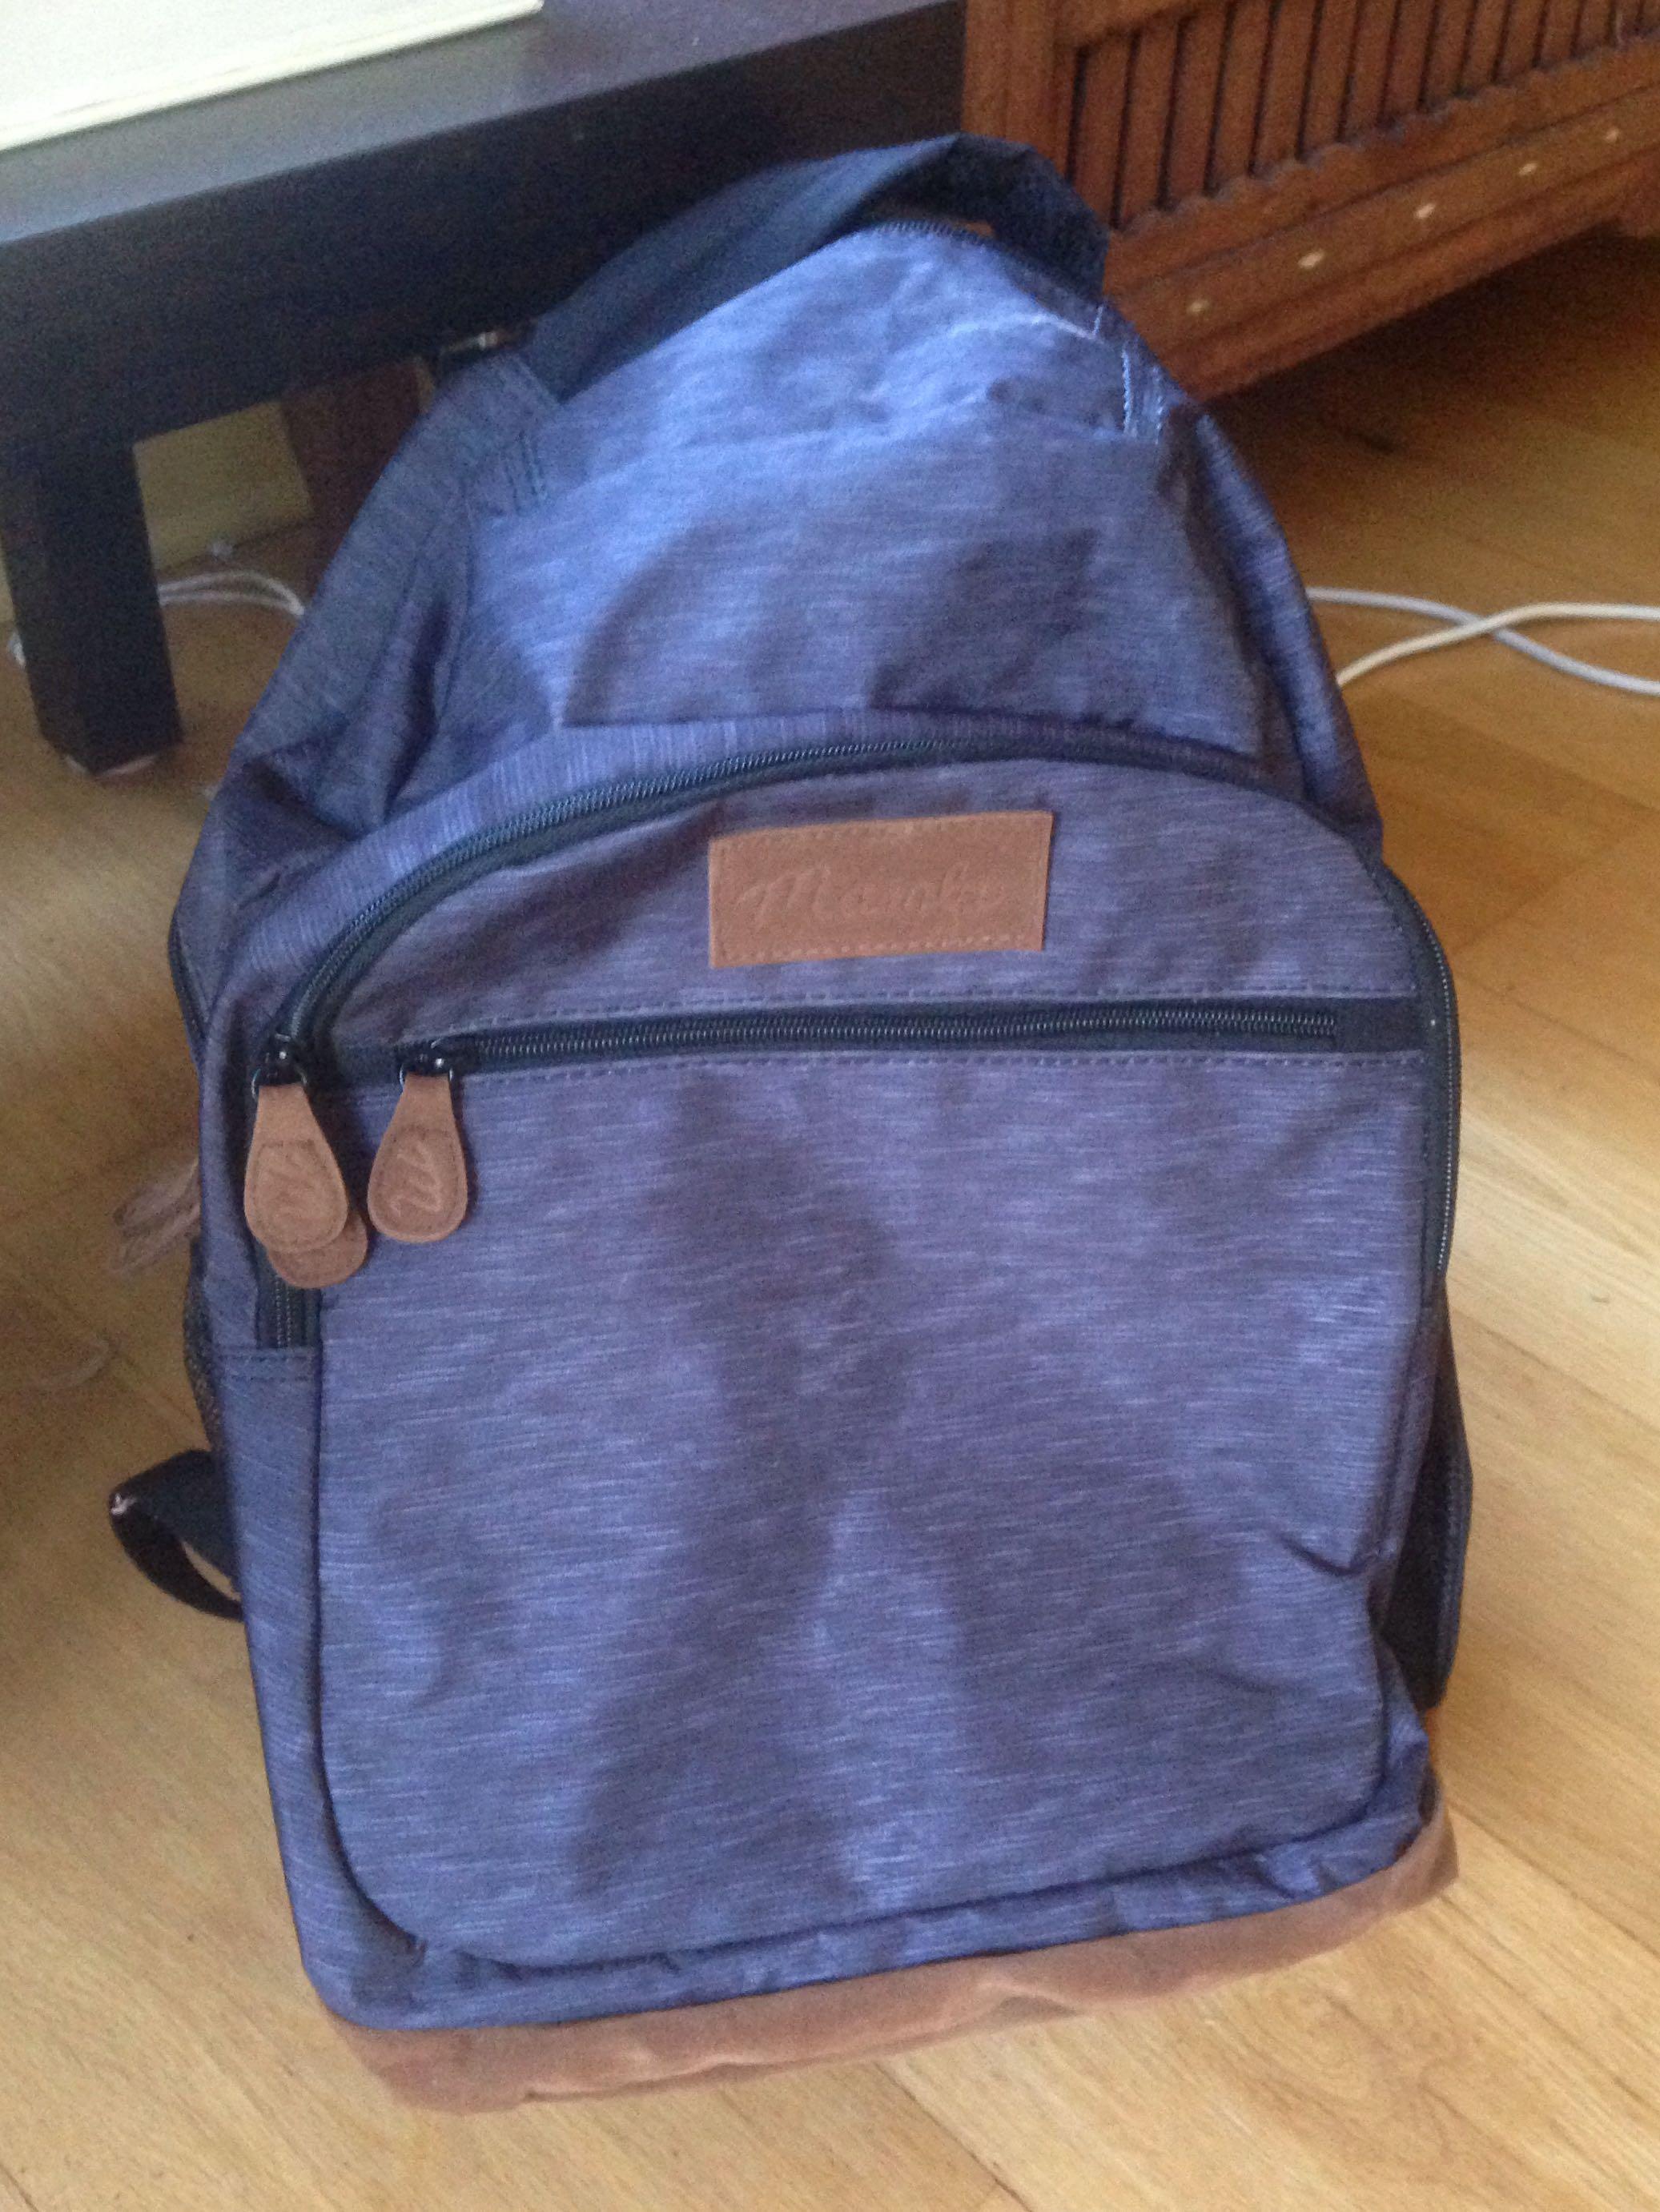 Backpack mambo